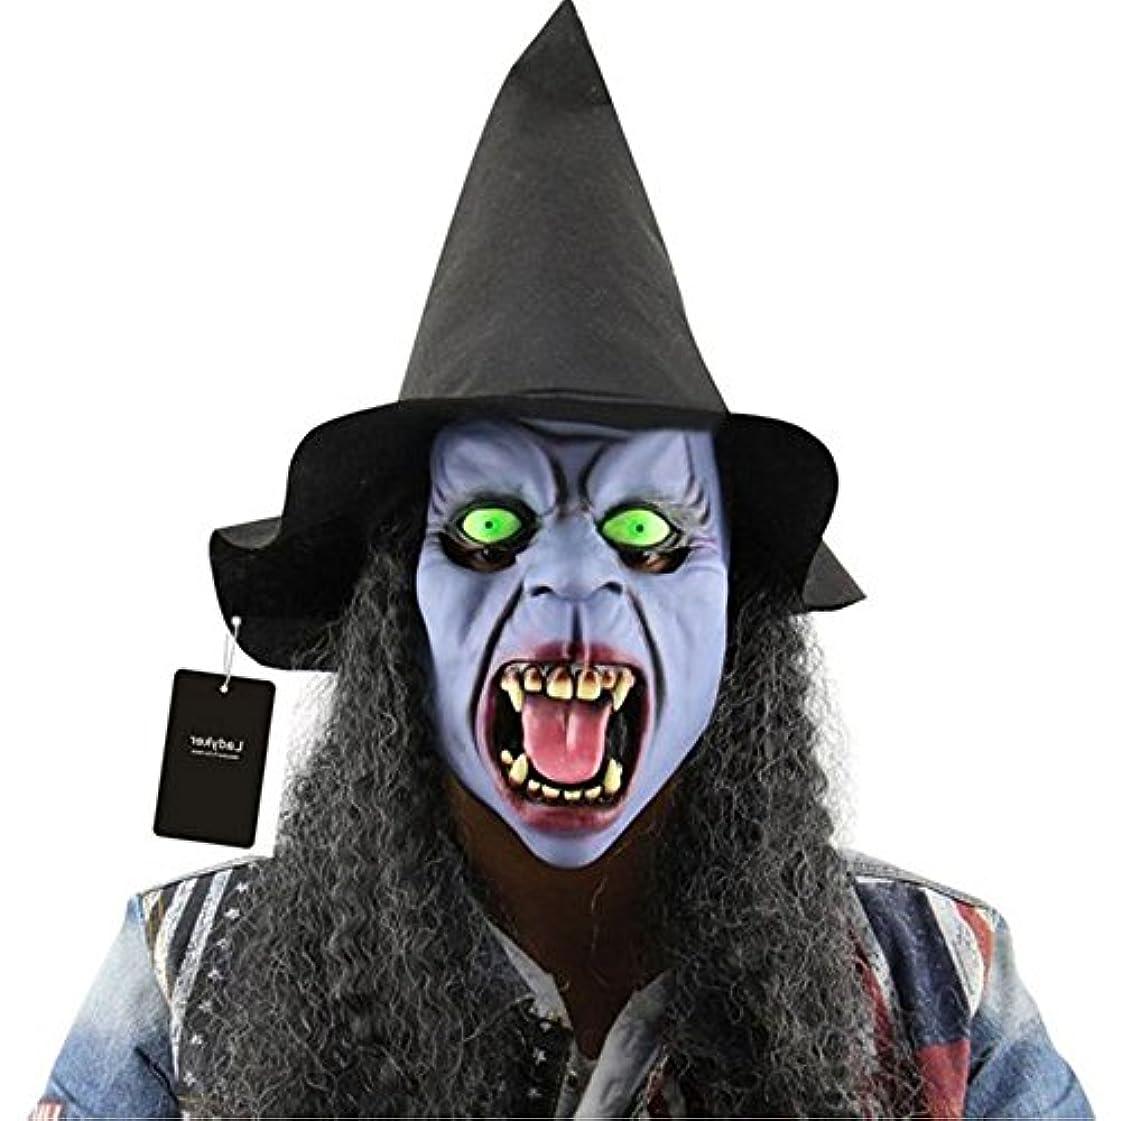 協力長いです説明するAuntwhale ハロウィーンマスク大人恐怖コスチューム、ホラー夜の魔女ファンシーマスカレードパーティハロウィンマスク、フェスティバル通気性ギフトヘッドマスク